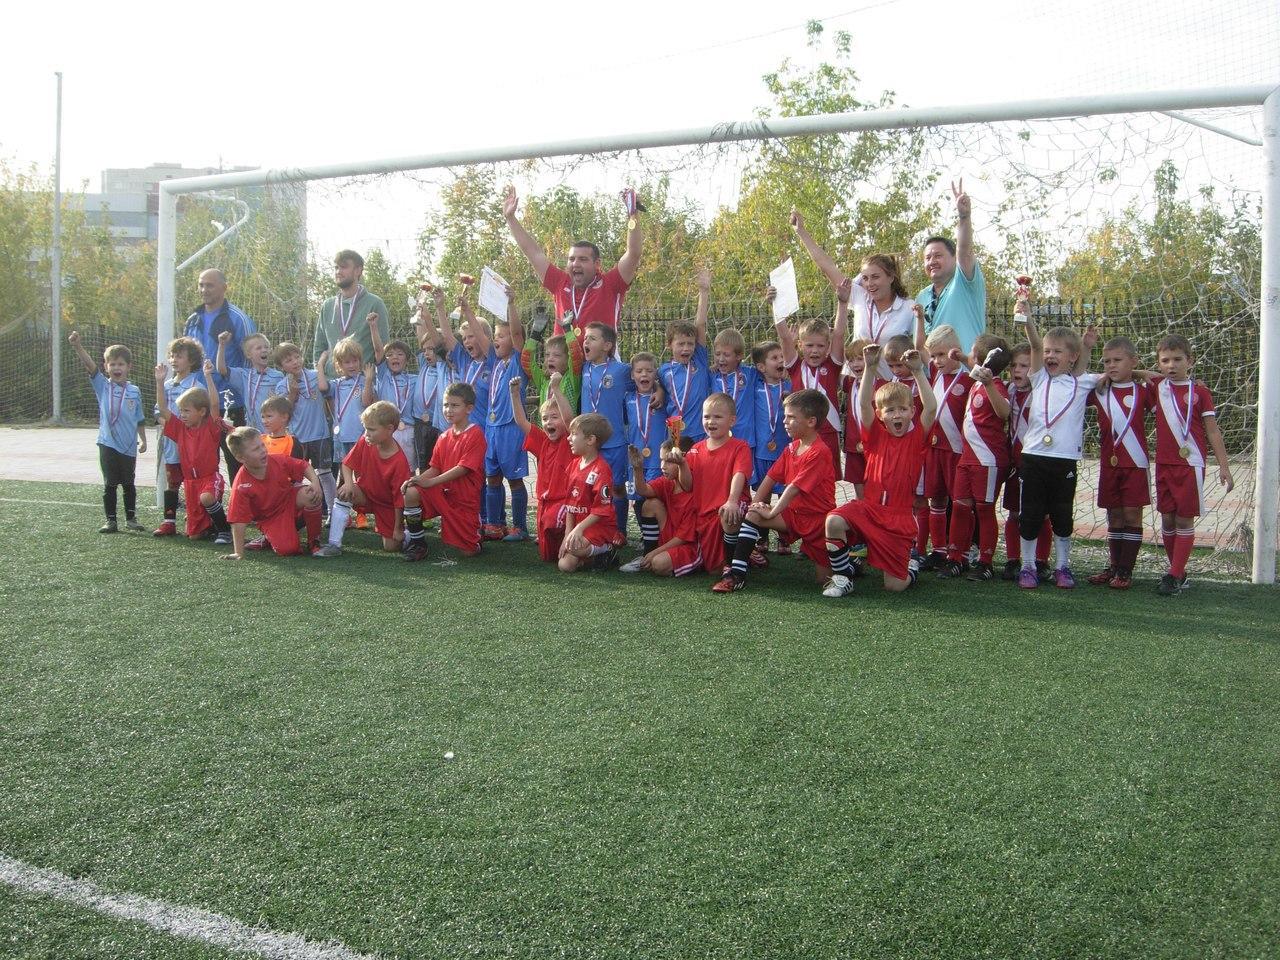 Приглашаем принять участие в турнире по футболу «Осенний Кубок Подольска-2018» среди детских команд 2010 г.р.